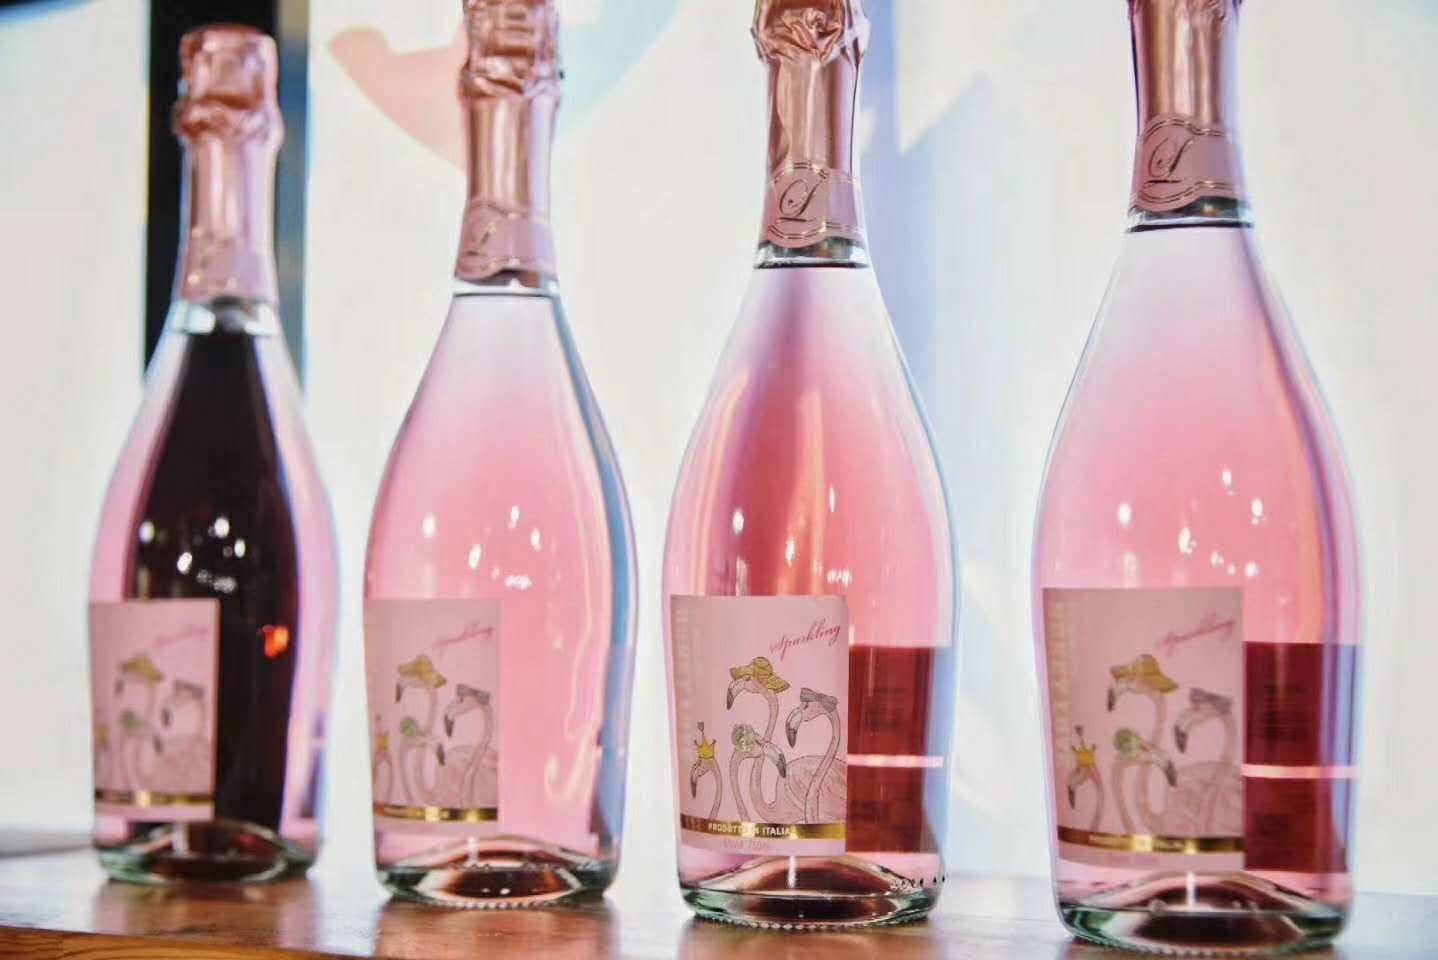 Оптовая продажа, свежий вкус, испанская Фирменная торговая марка OEM, бренды игристого вина